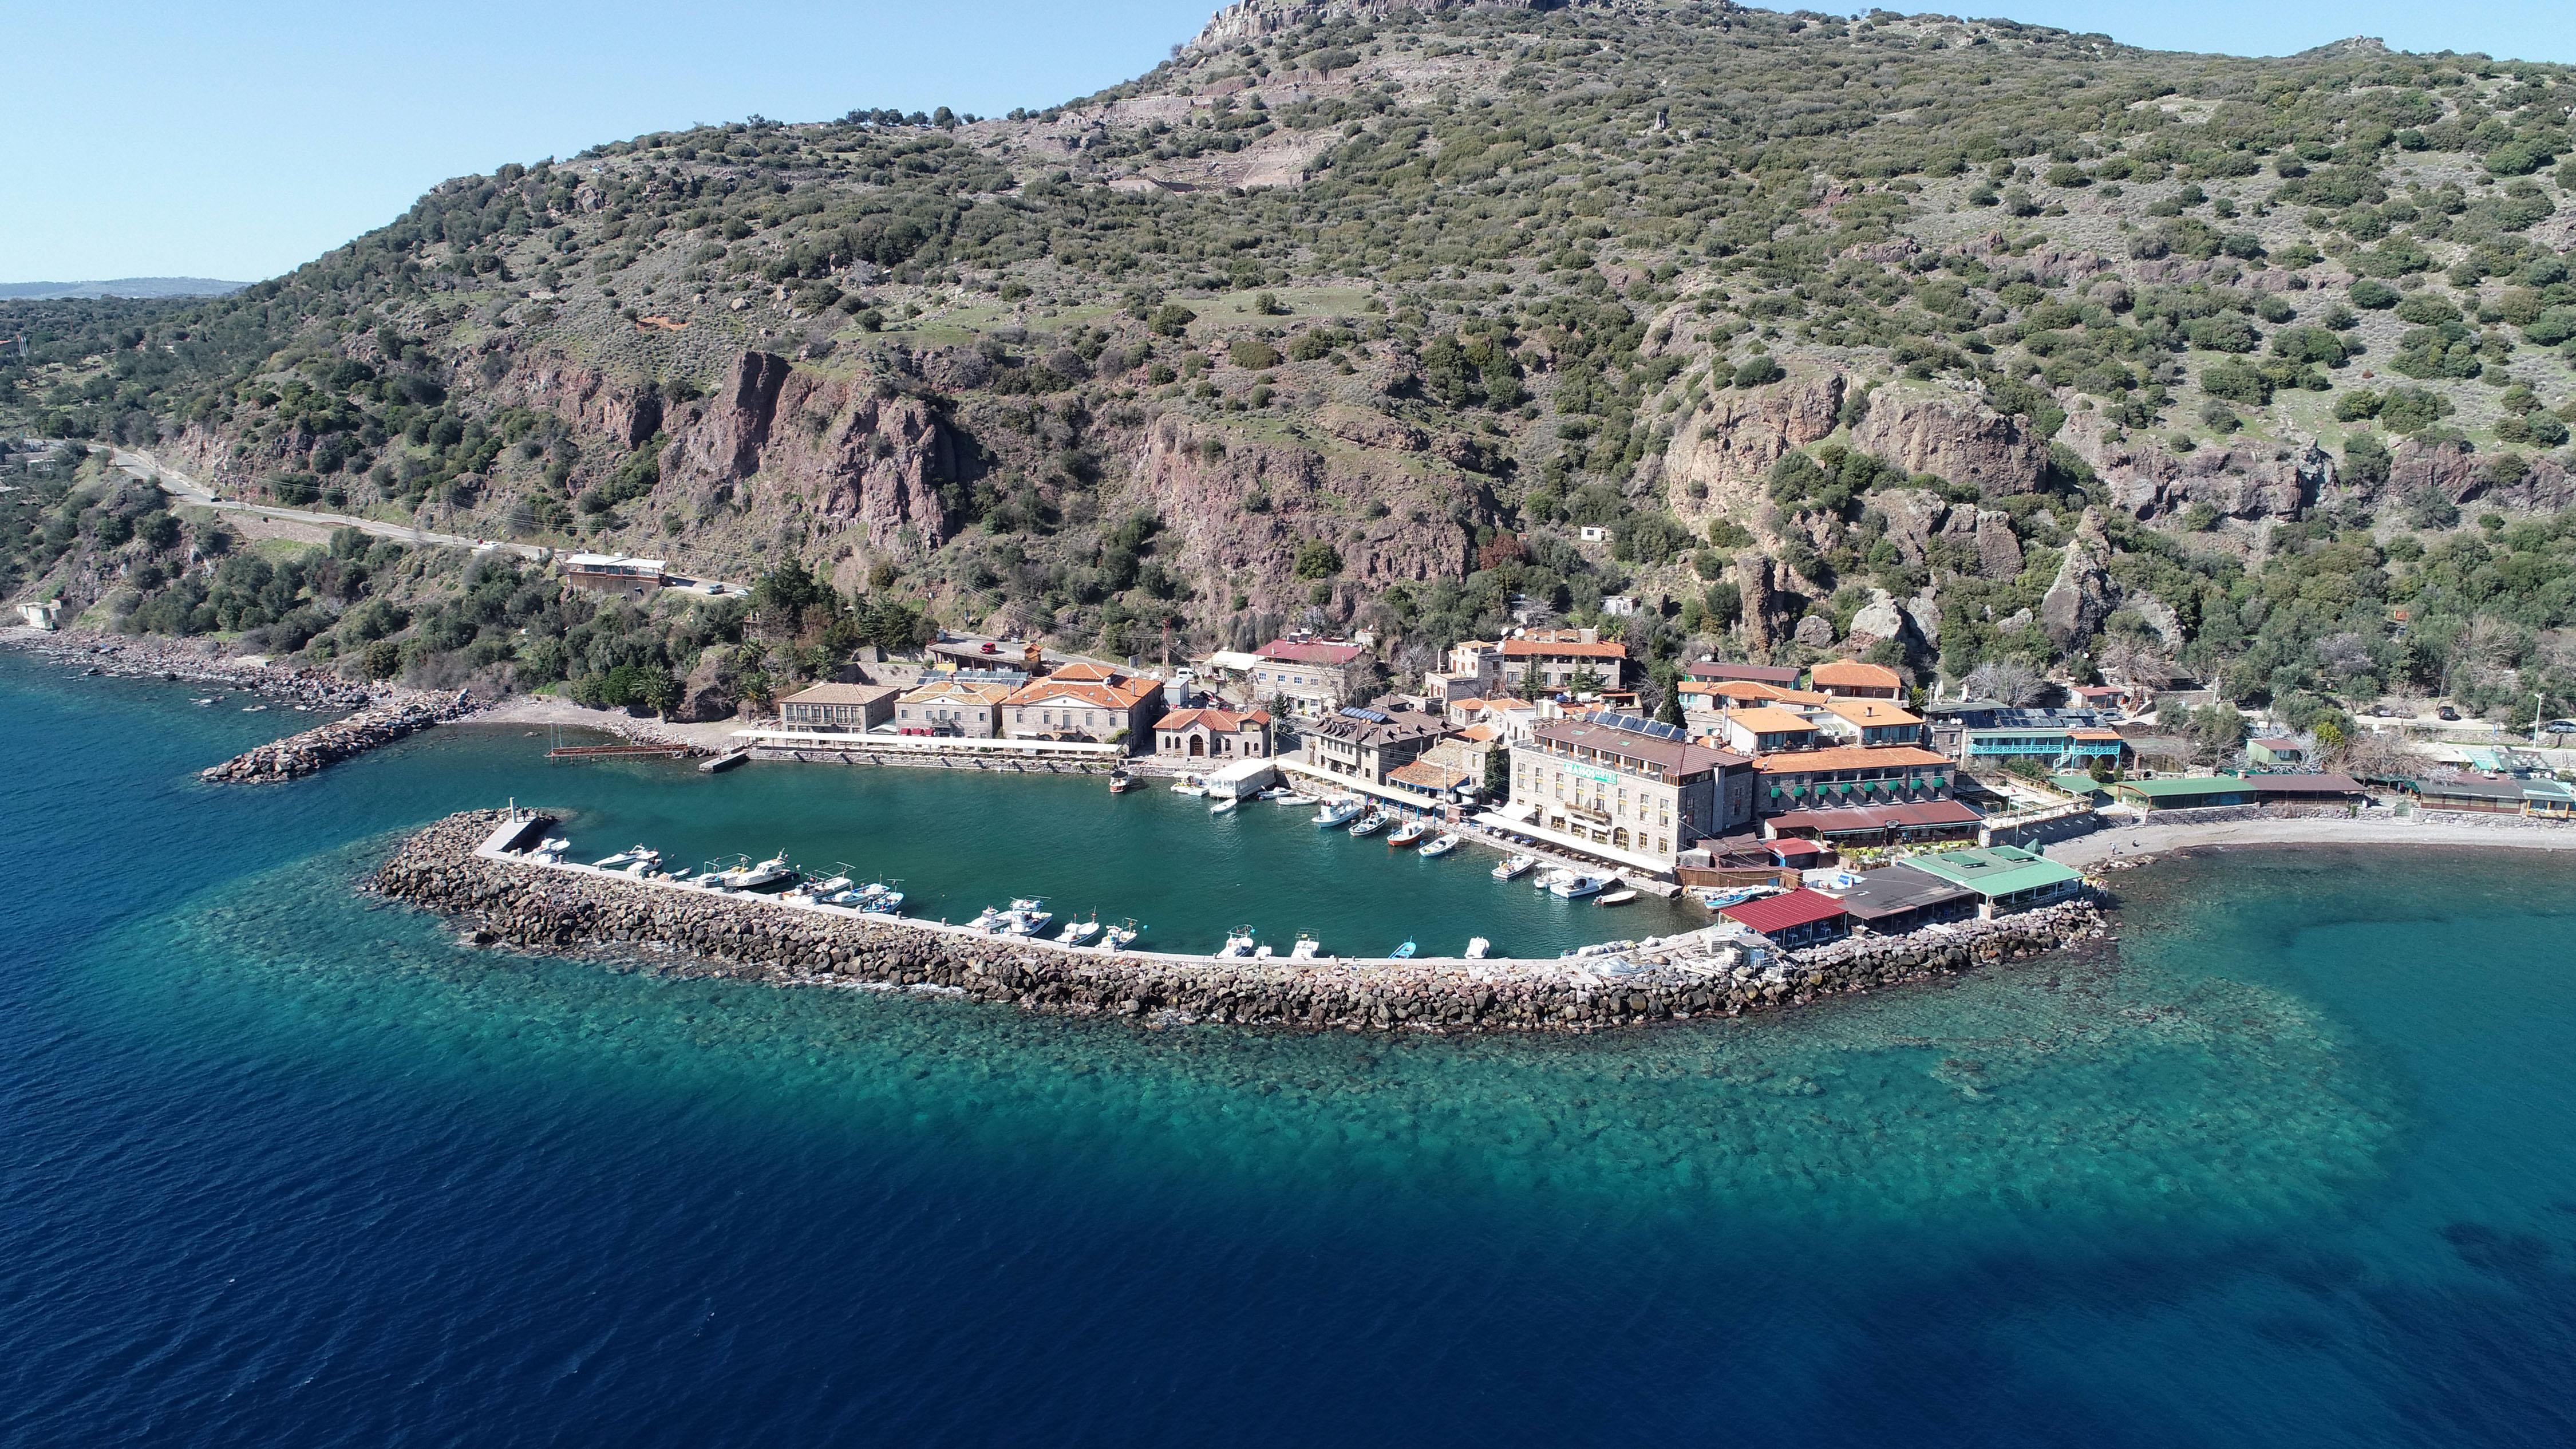 Assos Antik Limanı Hayalet Şehre Döndü; Her Yer Boşaltıldı, Otomobil Girişi Yasak